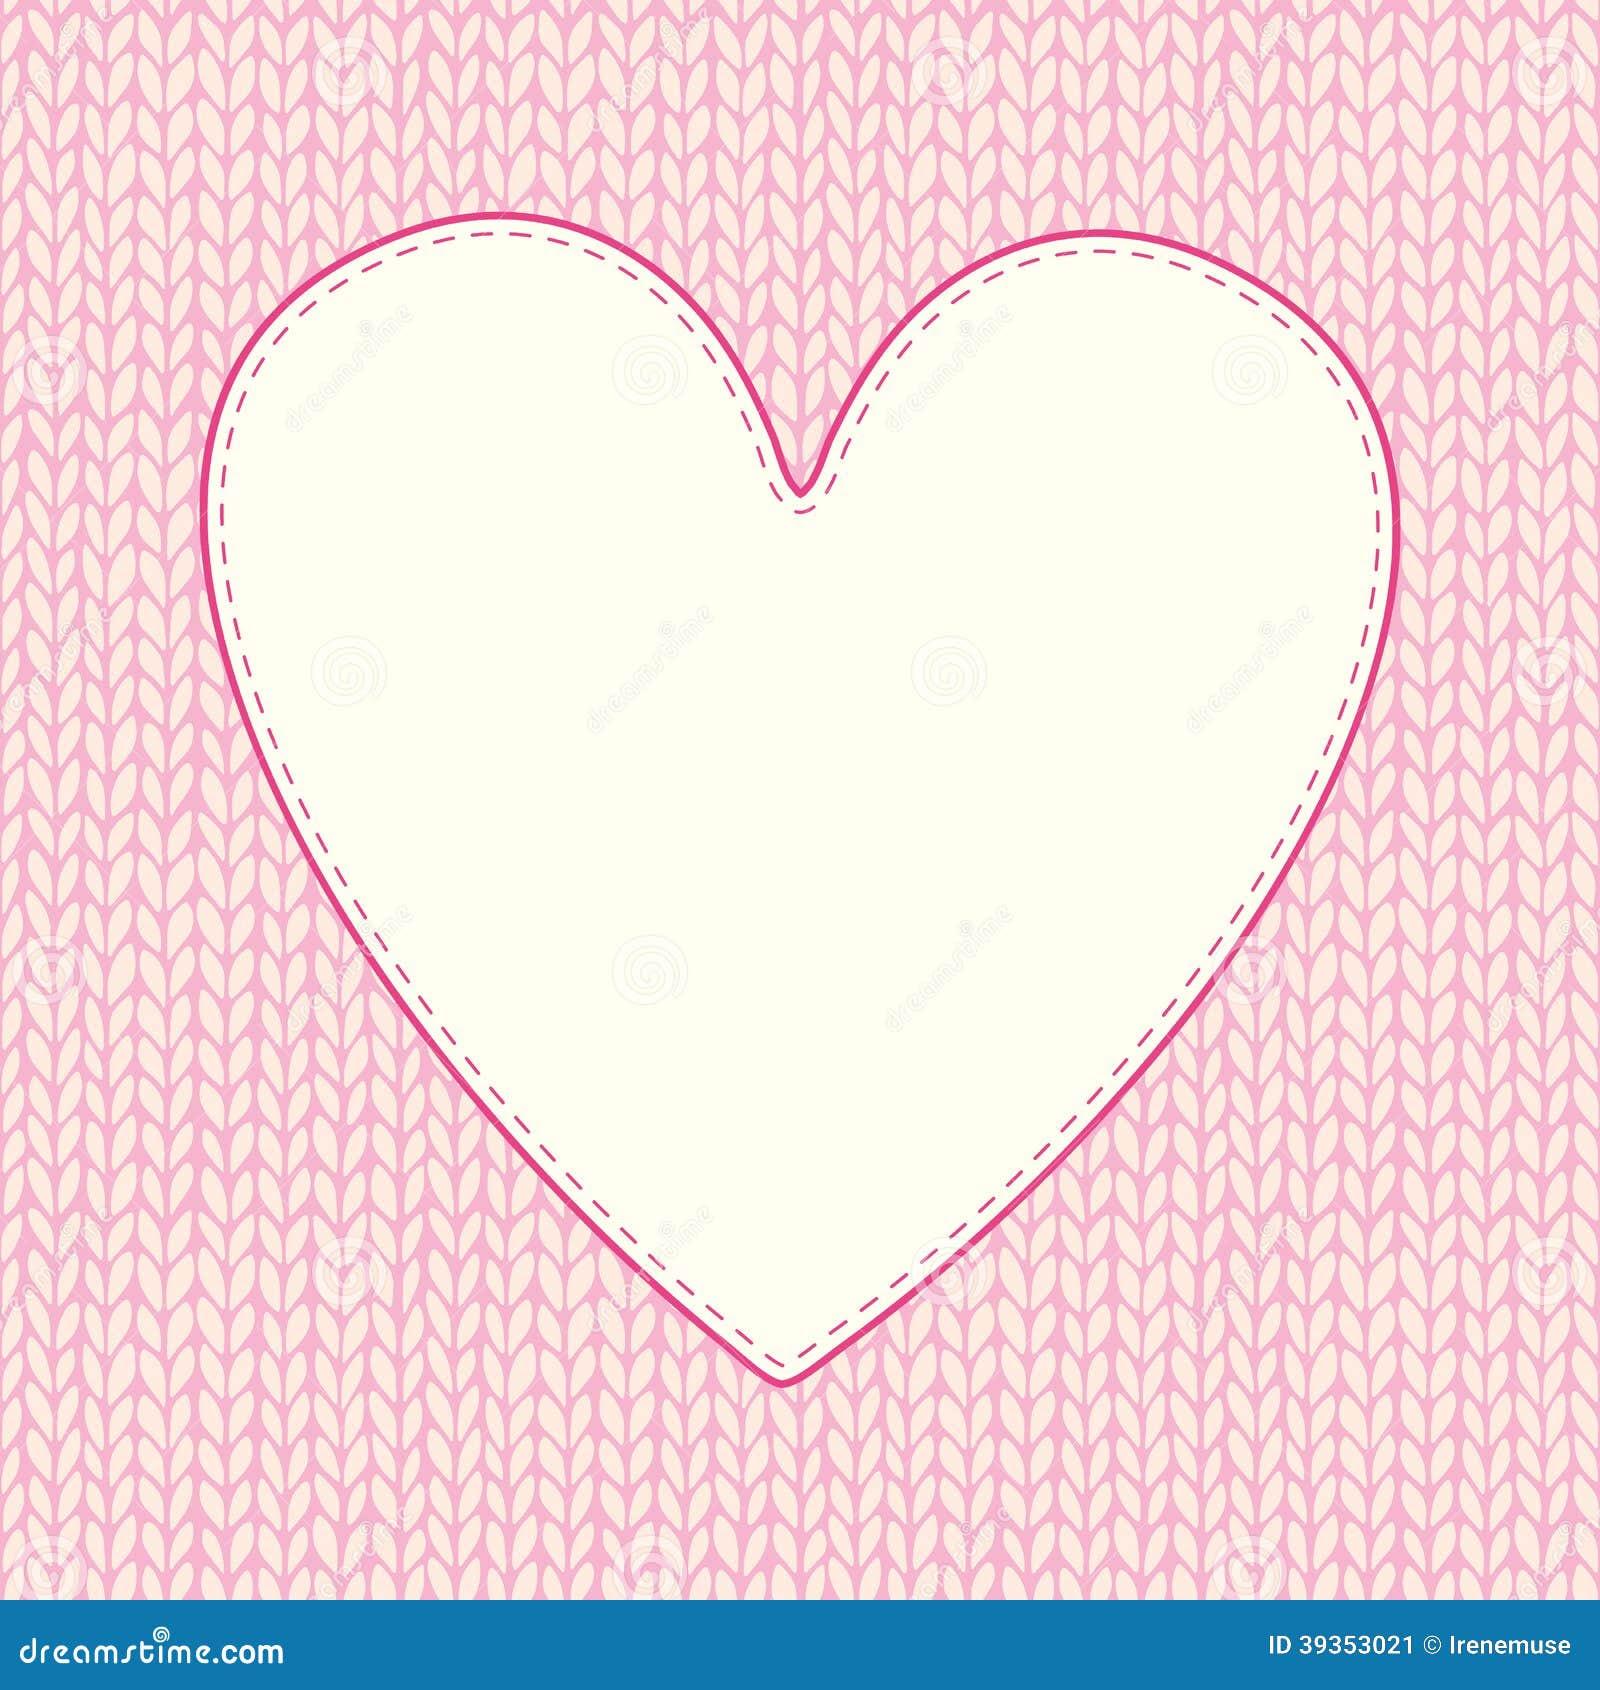 Heart Frame Templates Wwwpicsbudcom